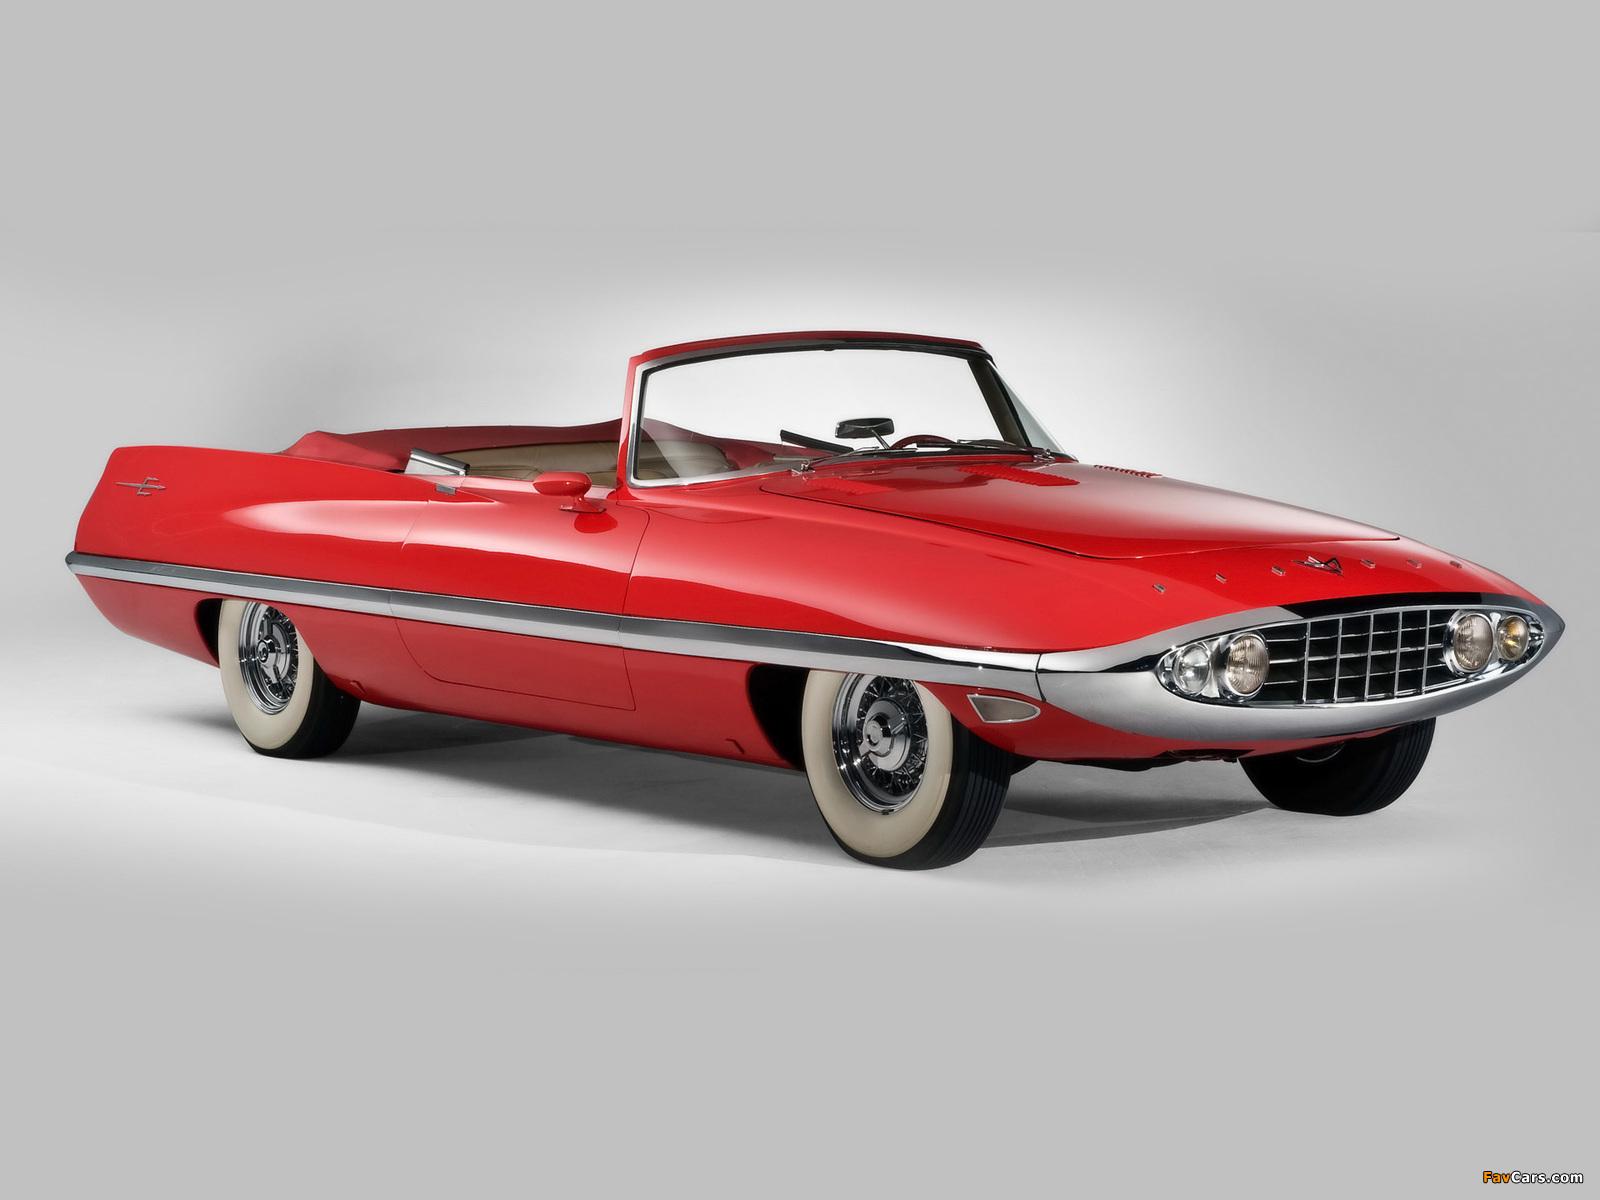 Chrysler Diablo Concept Car 1957 images (1600 x 1200)